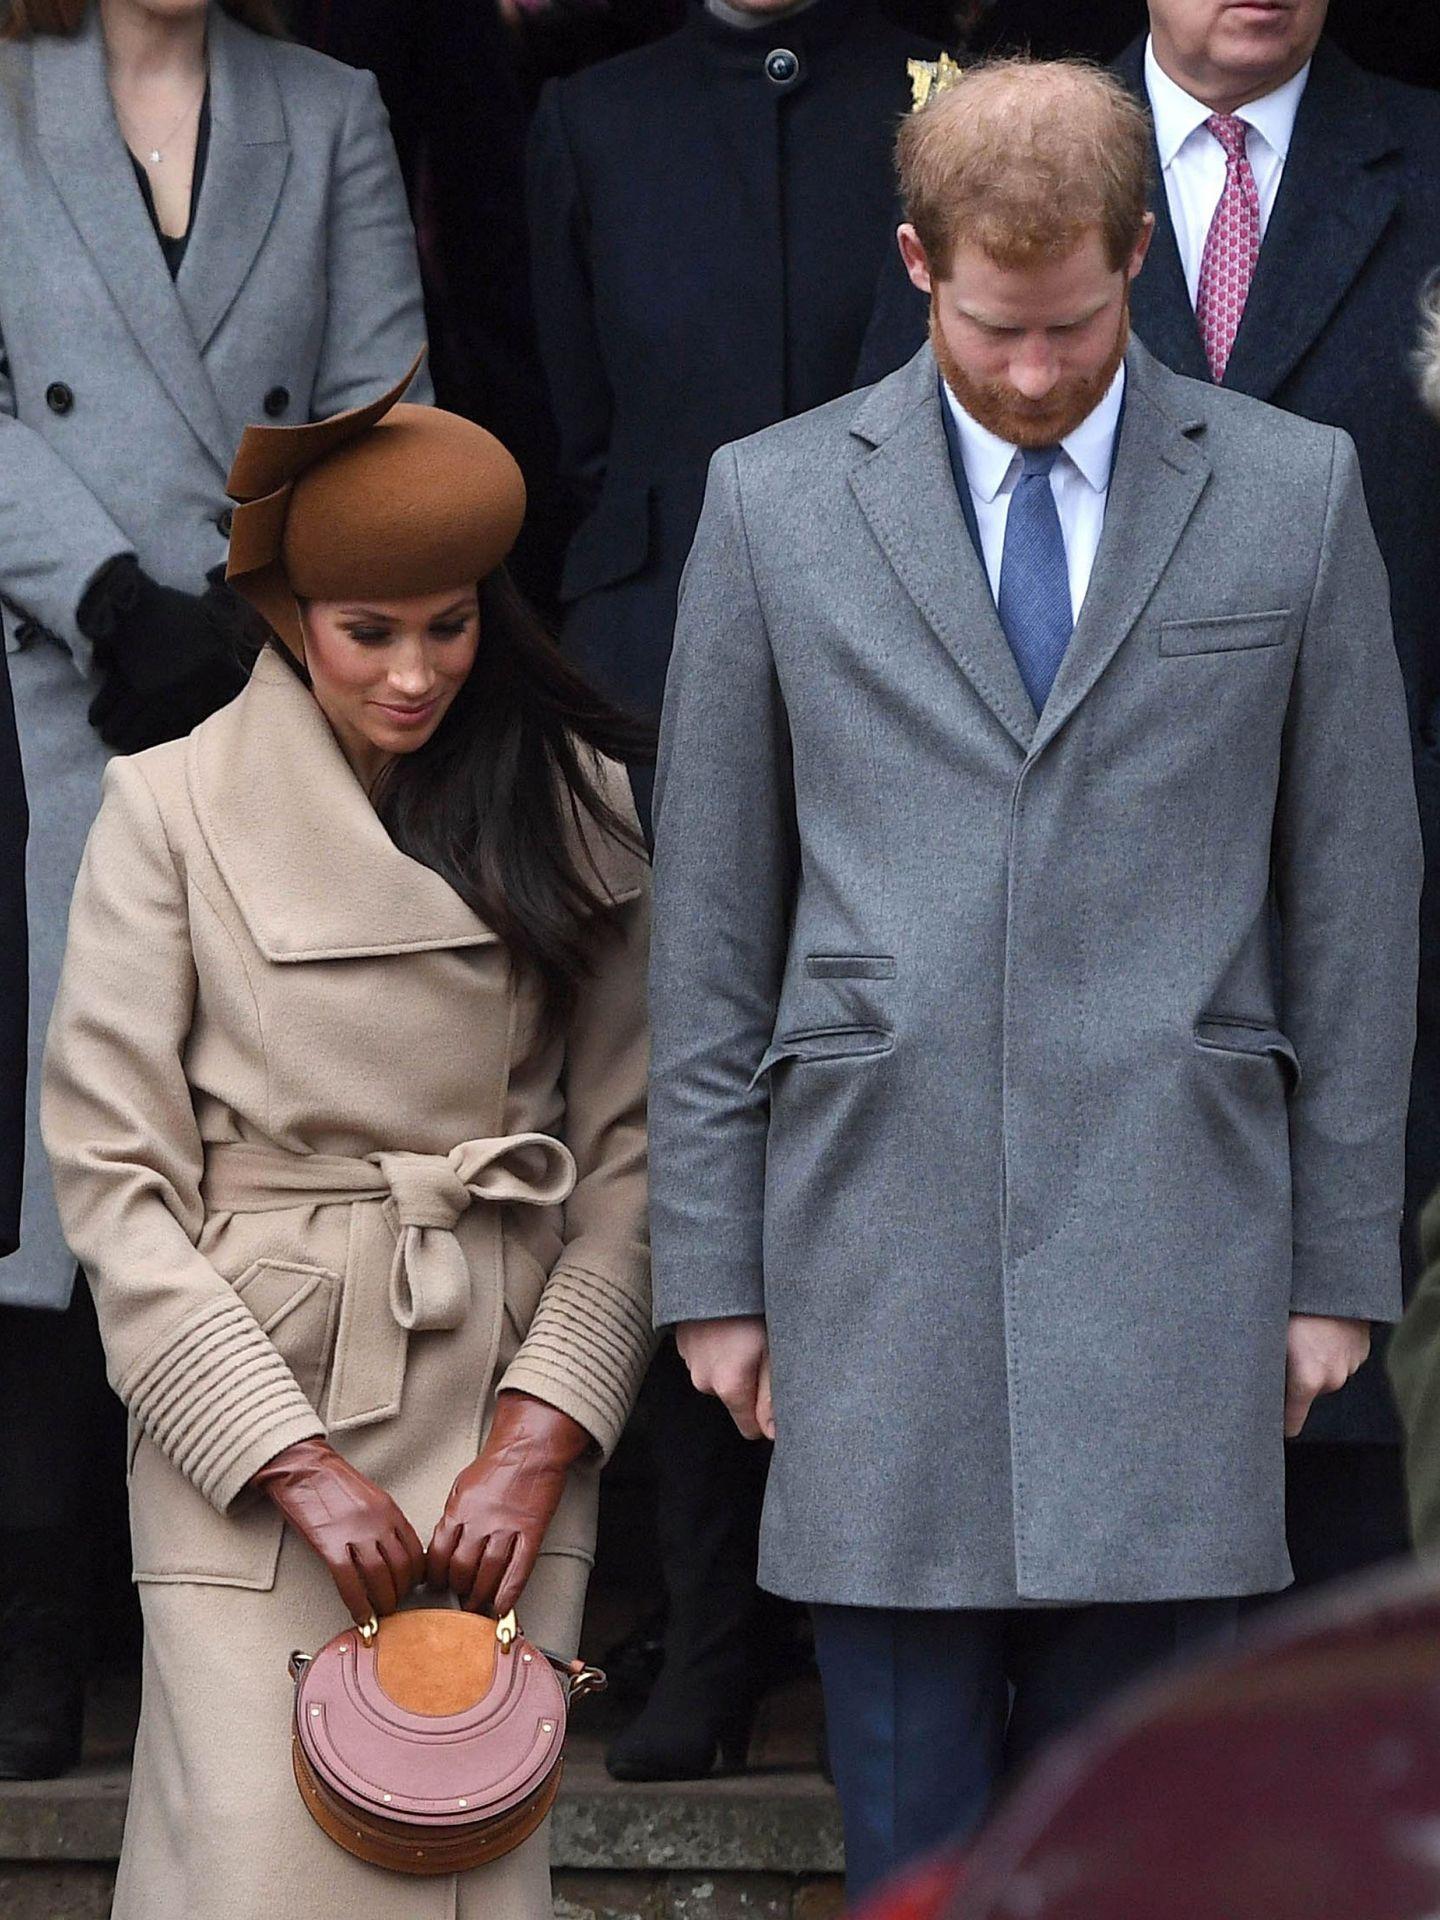 Incluso hizo la reverencia al paso de la Reina. (EFE)